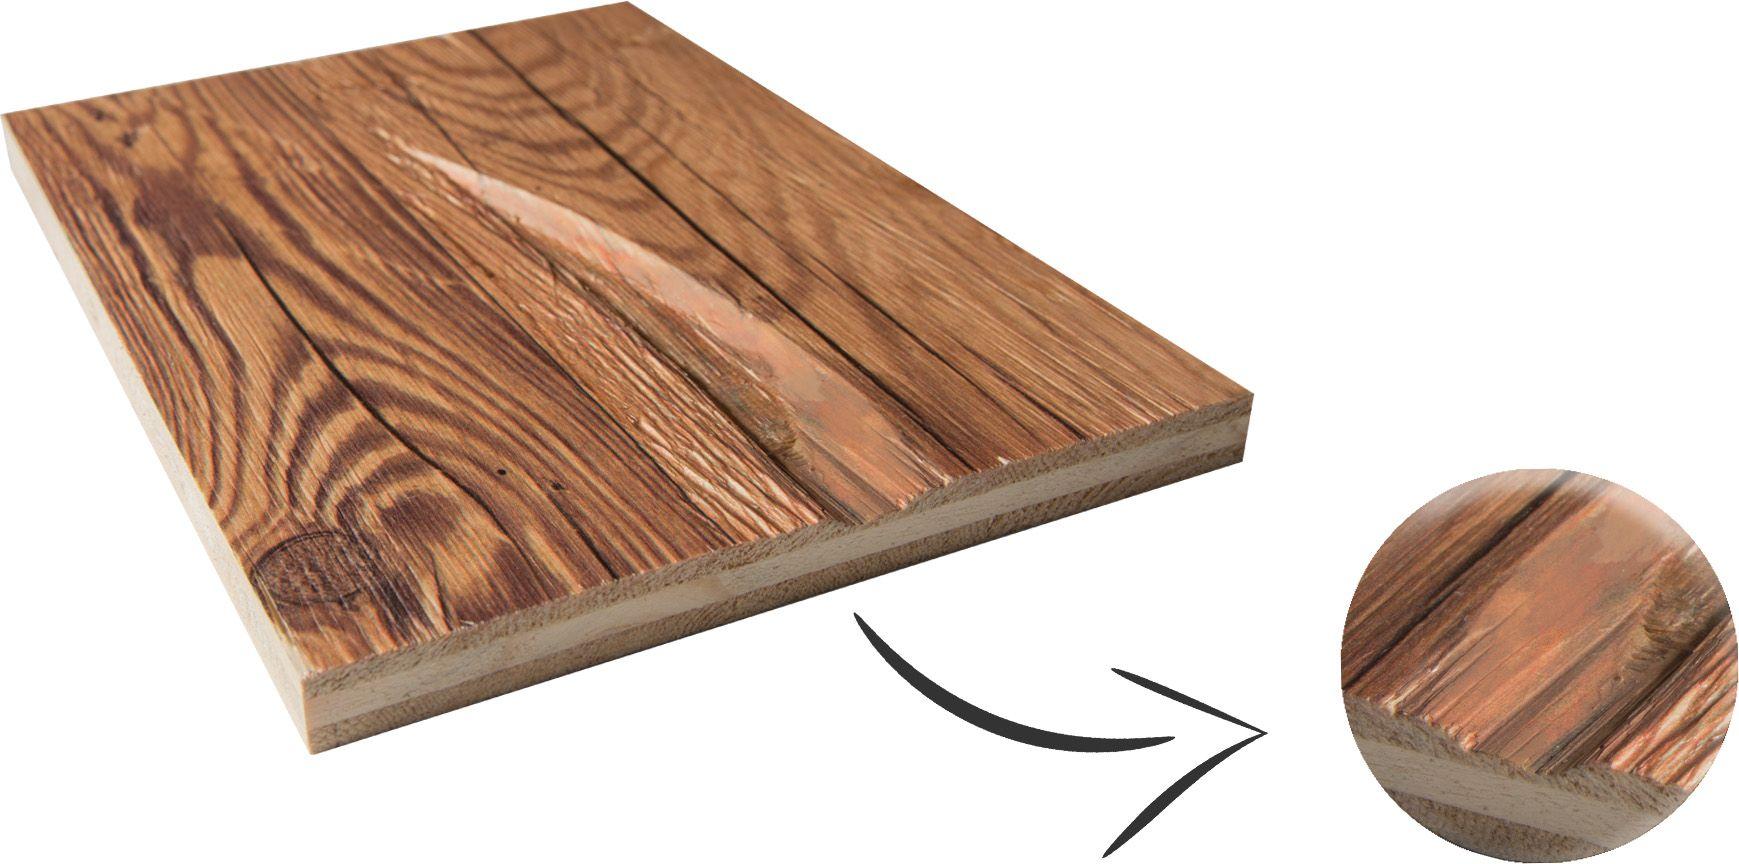 43++ Holz mit nut und feder kaufen ideen